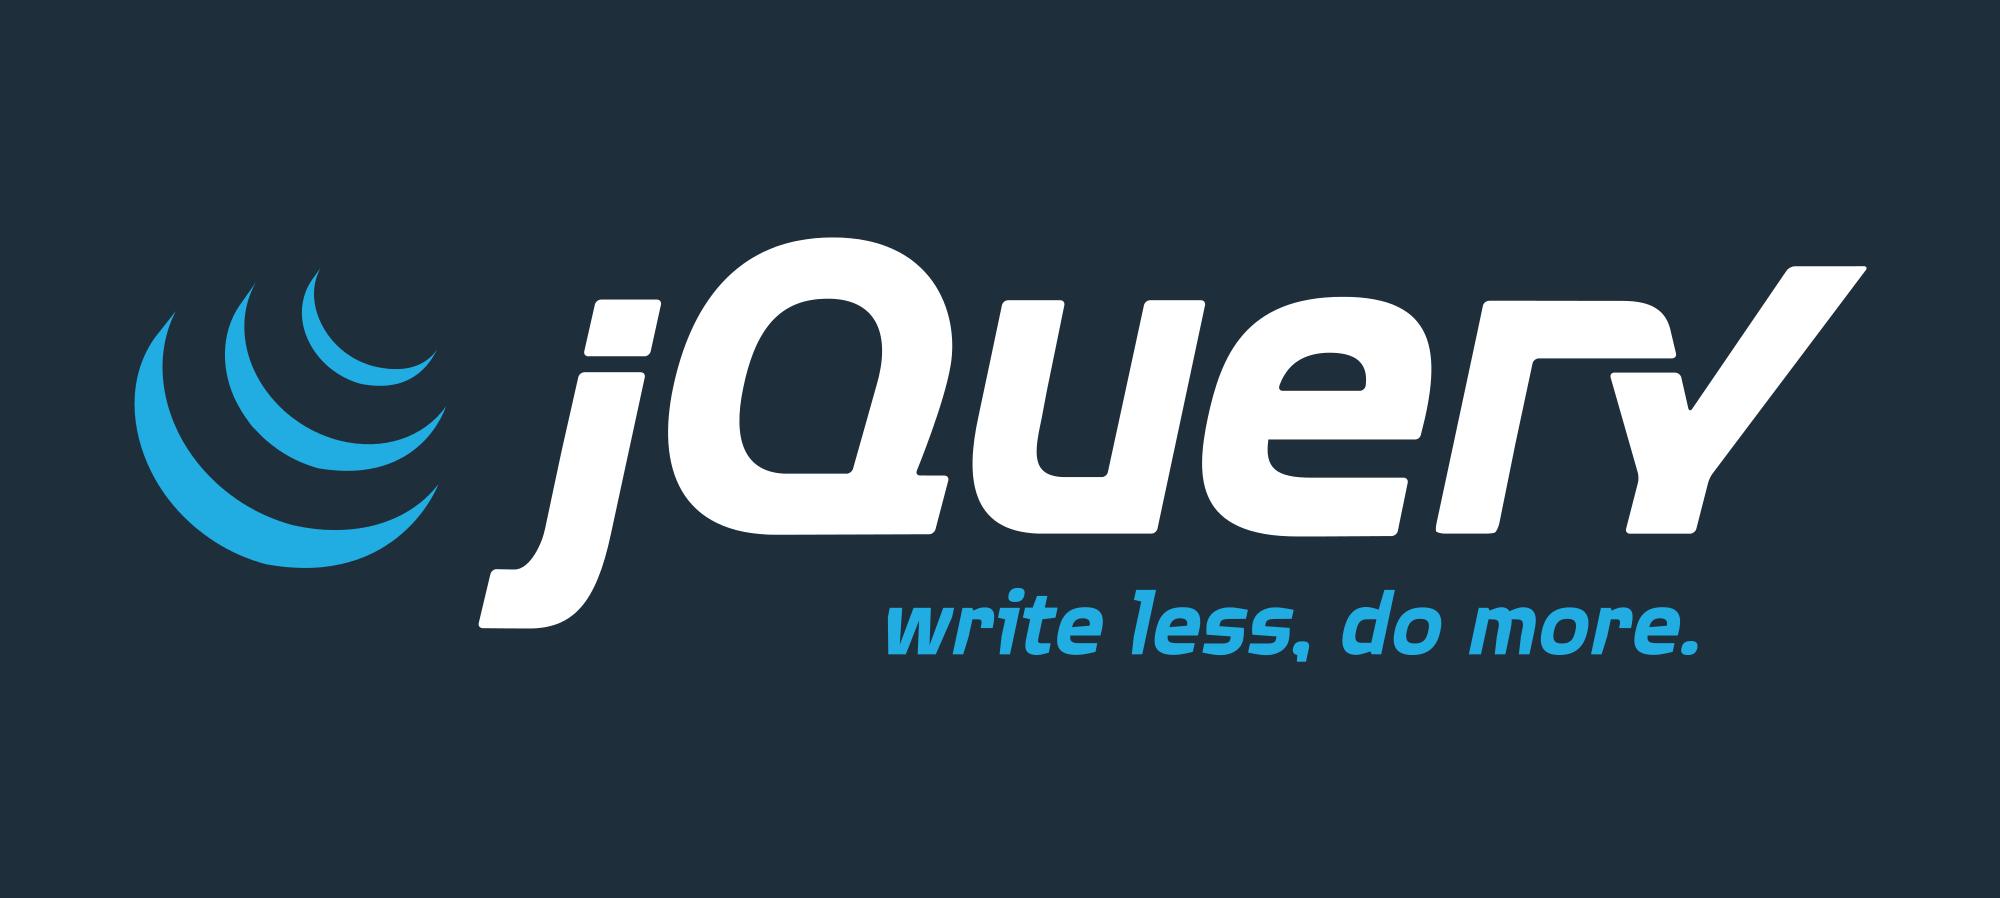 2000x898 Jquery Logo Vector Png Transparent Jquery Logo Vector.png Images